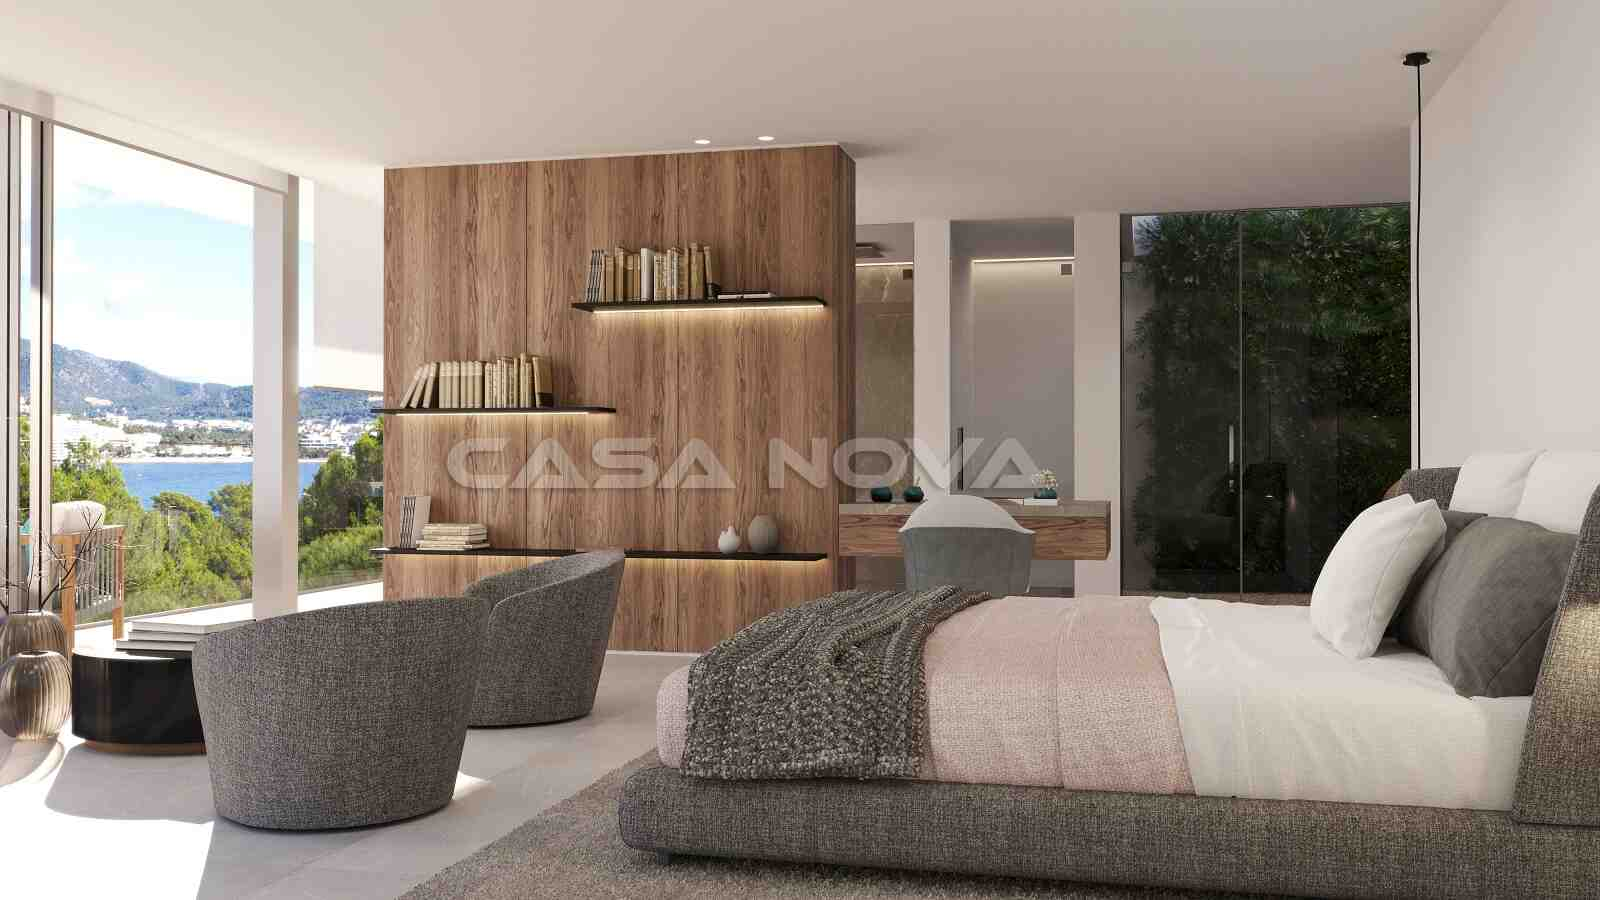 Lichtdurchflutetes Schlafzimmer mit Sitzecke